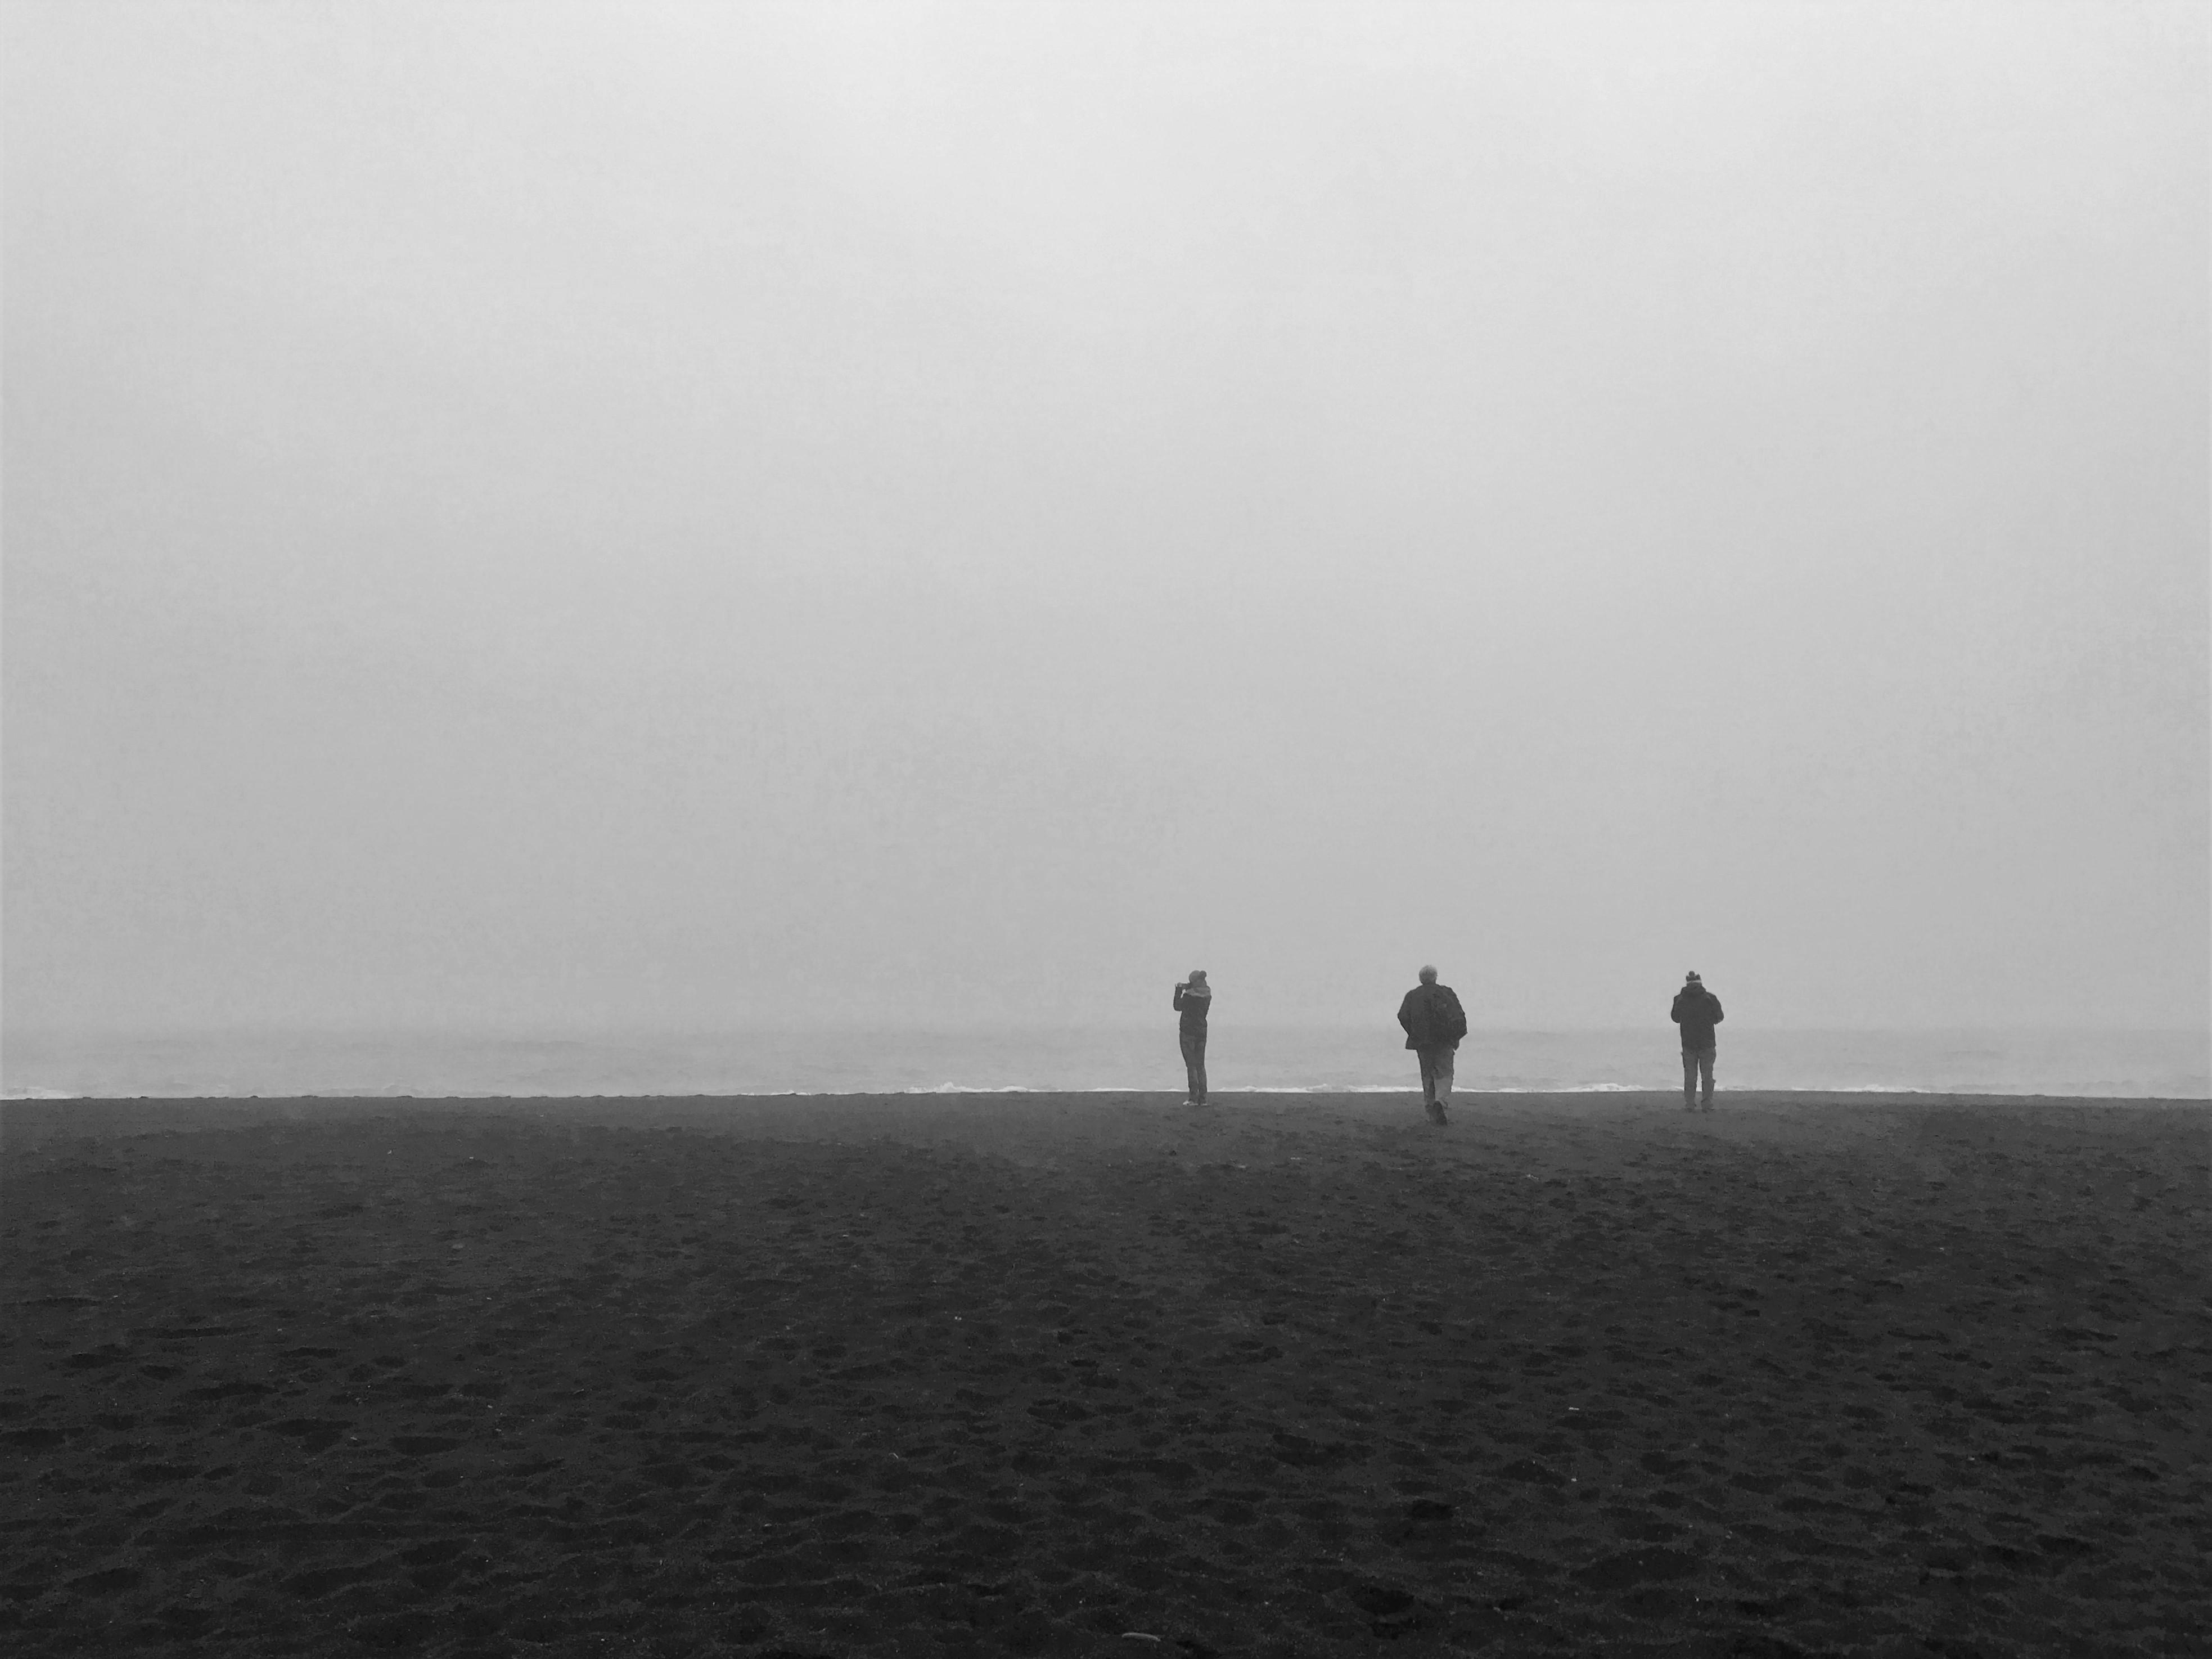 Misty by K.G.